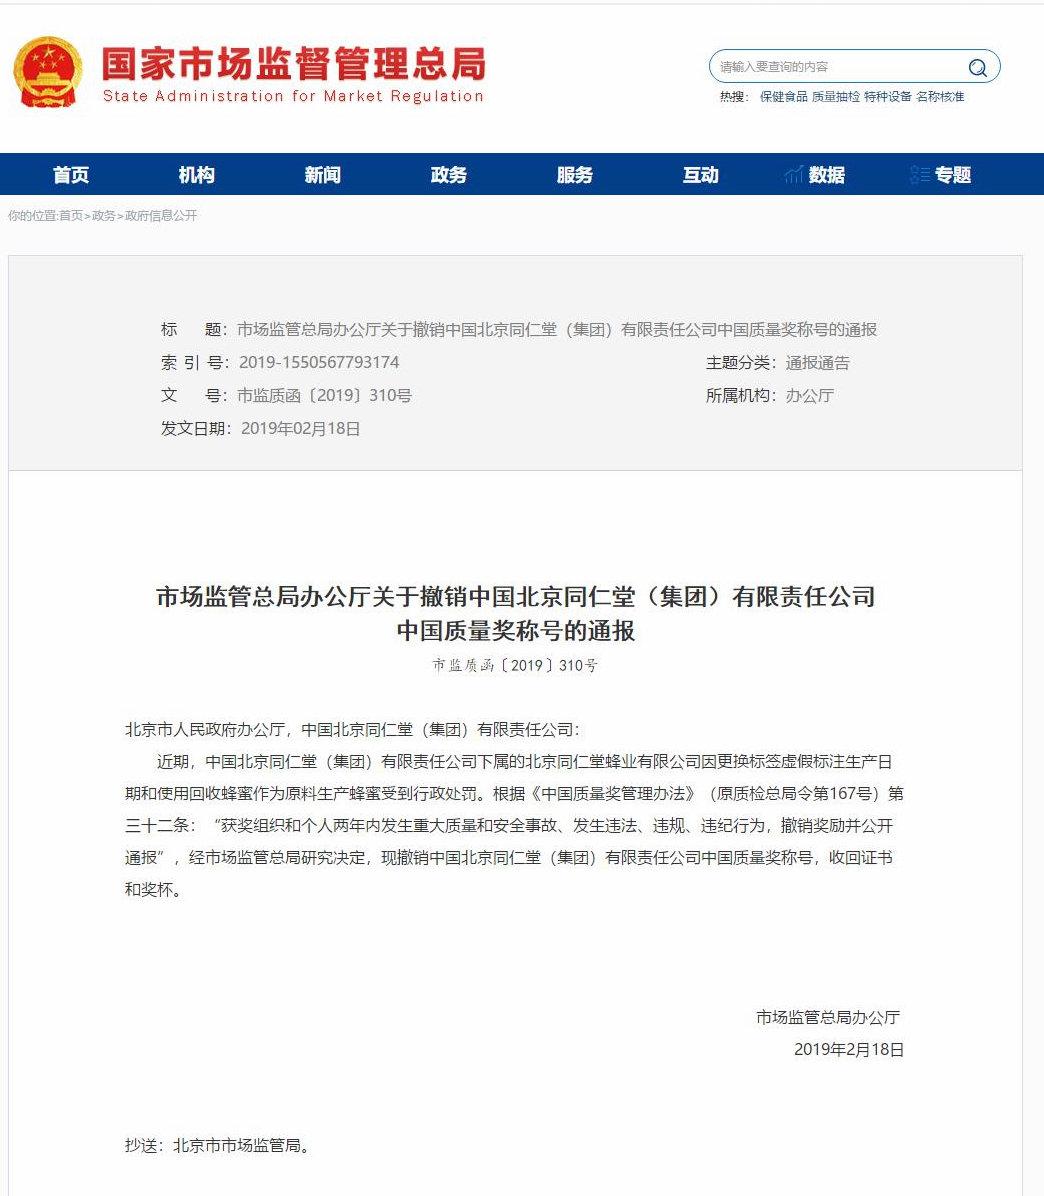 市场监管总局:撤销北京同仁堂的中国质量奖称号